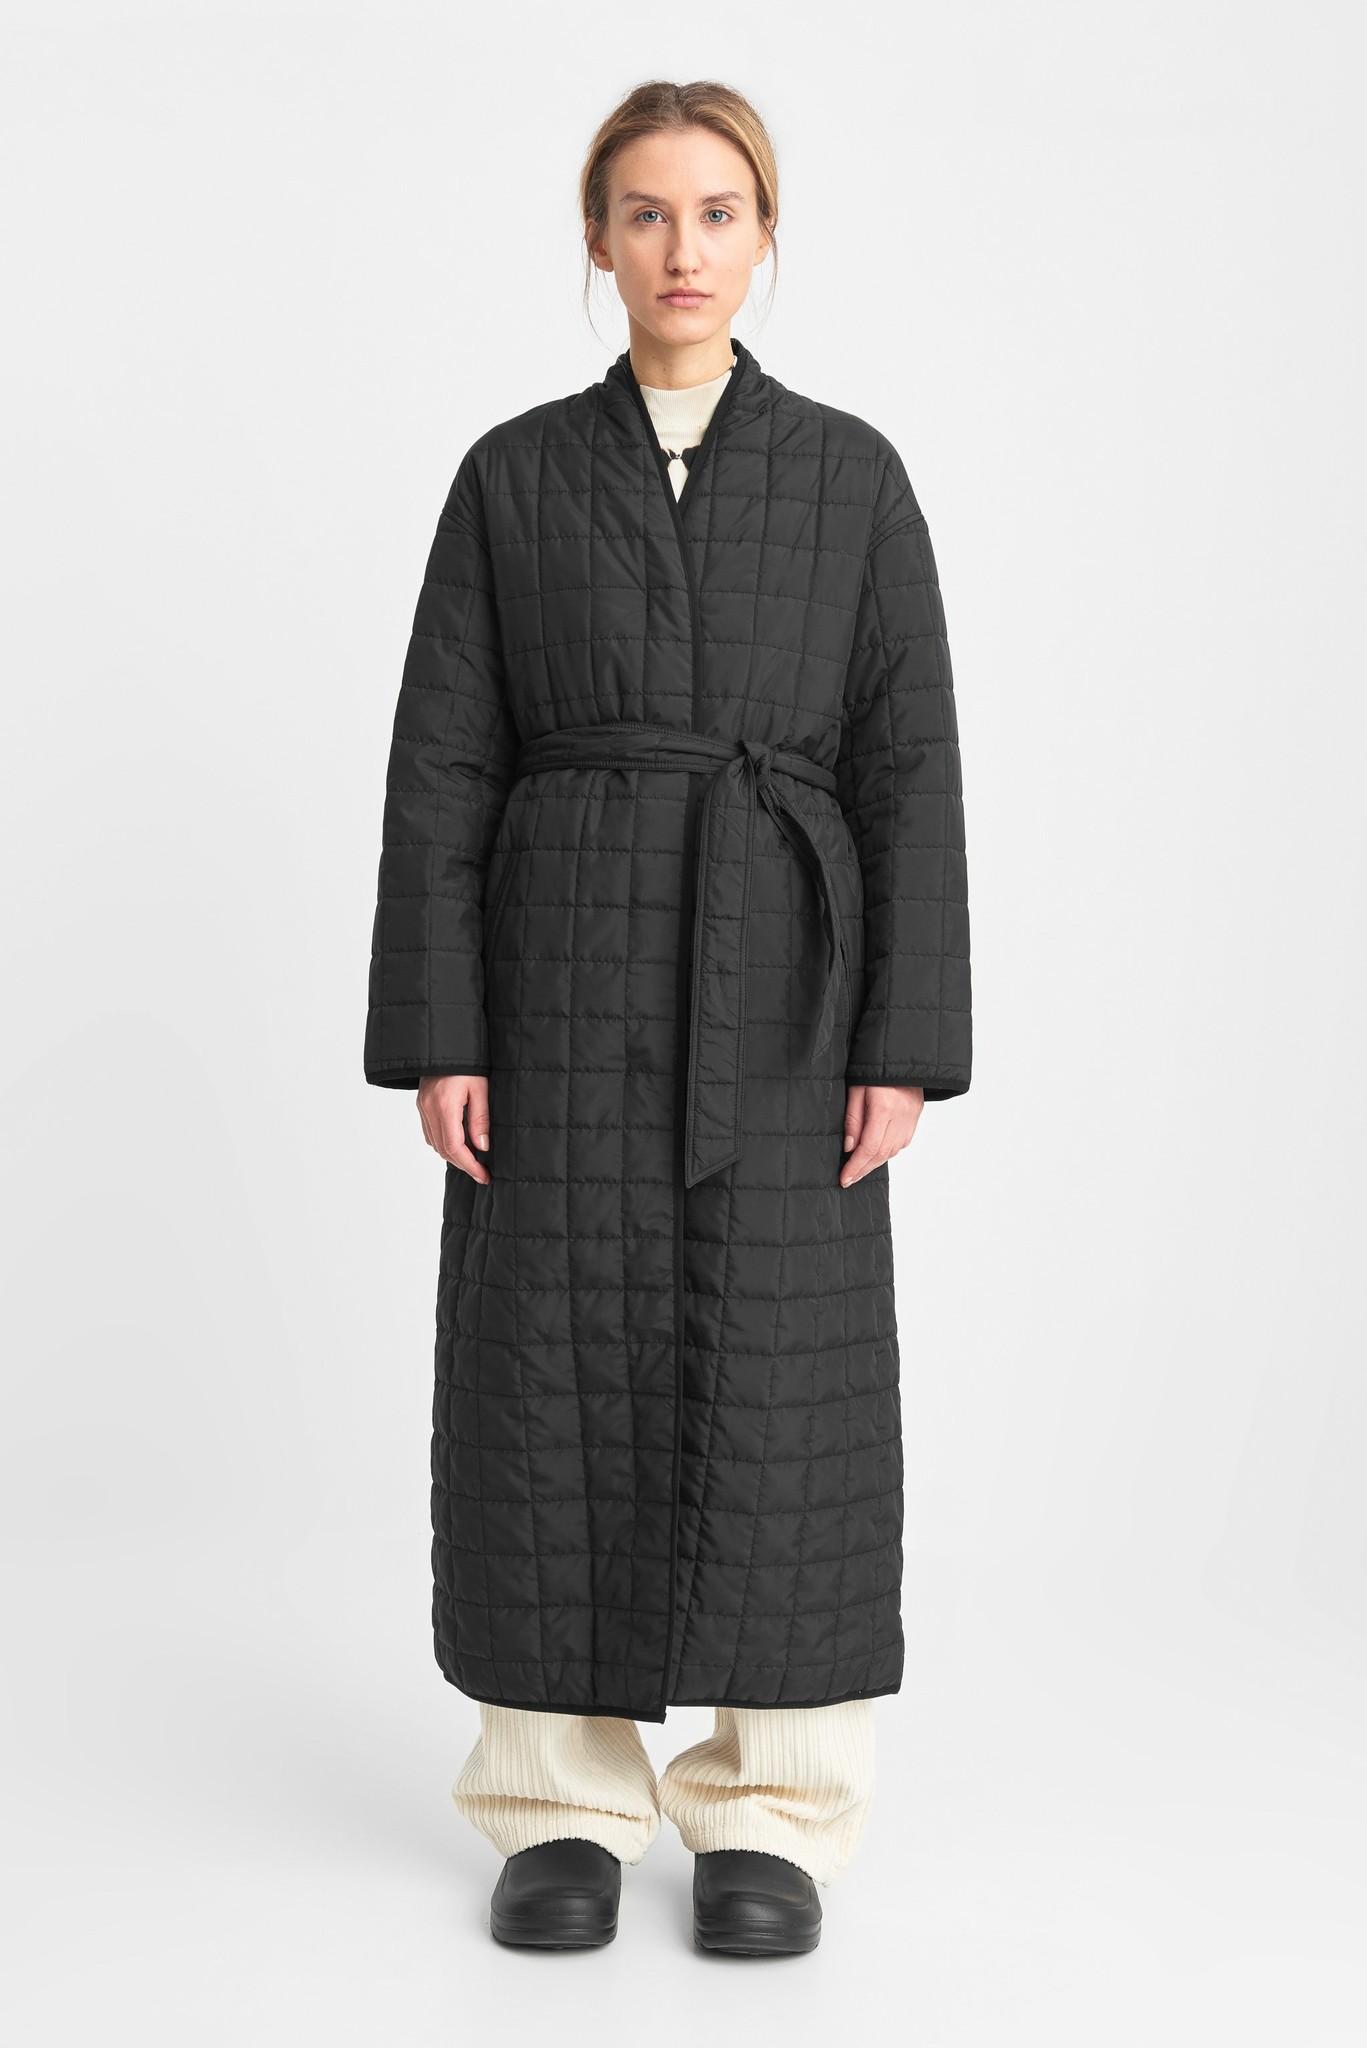 Lila lange gewatteerde oversized jas zwart-1